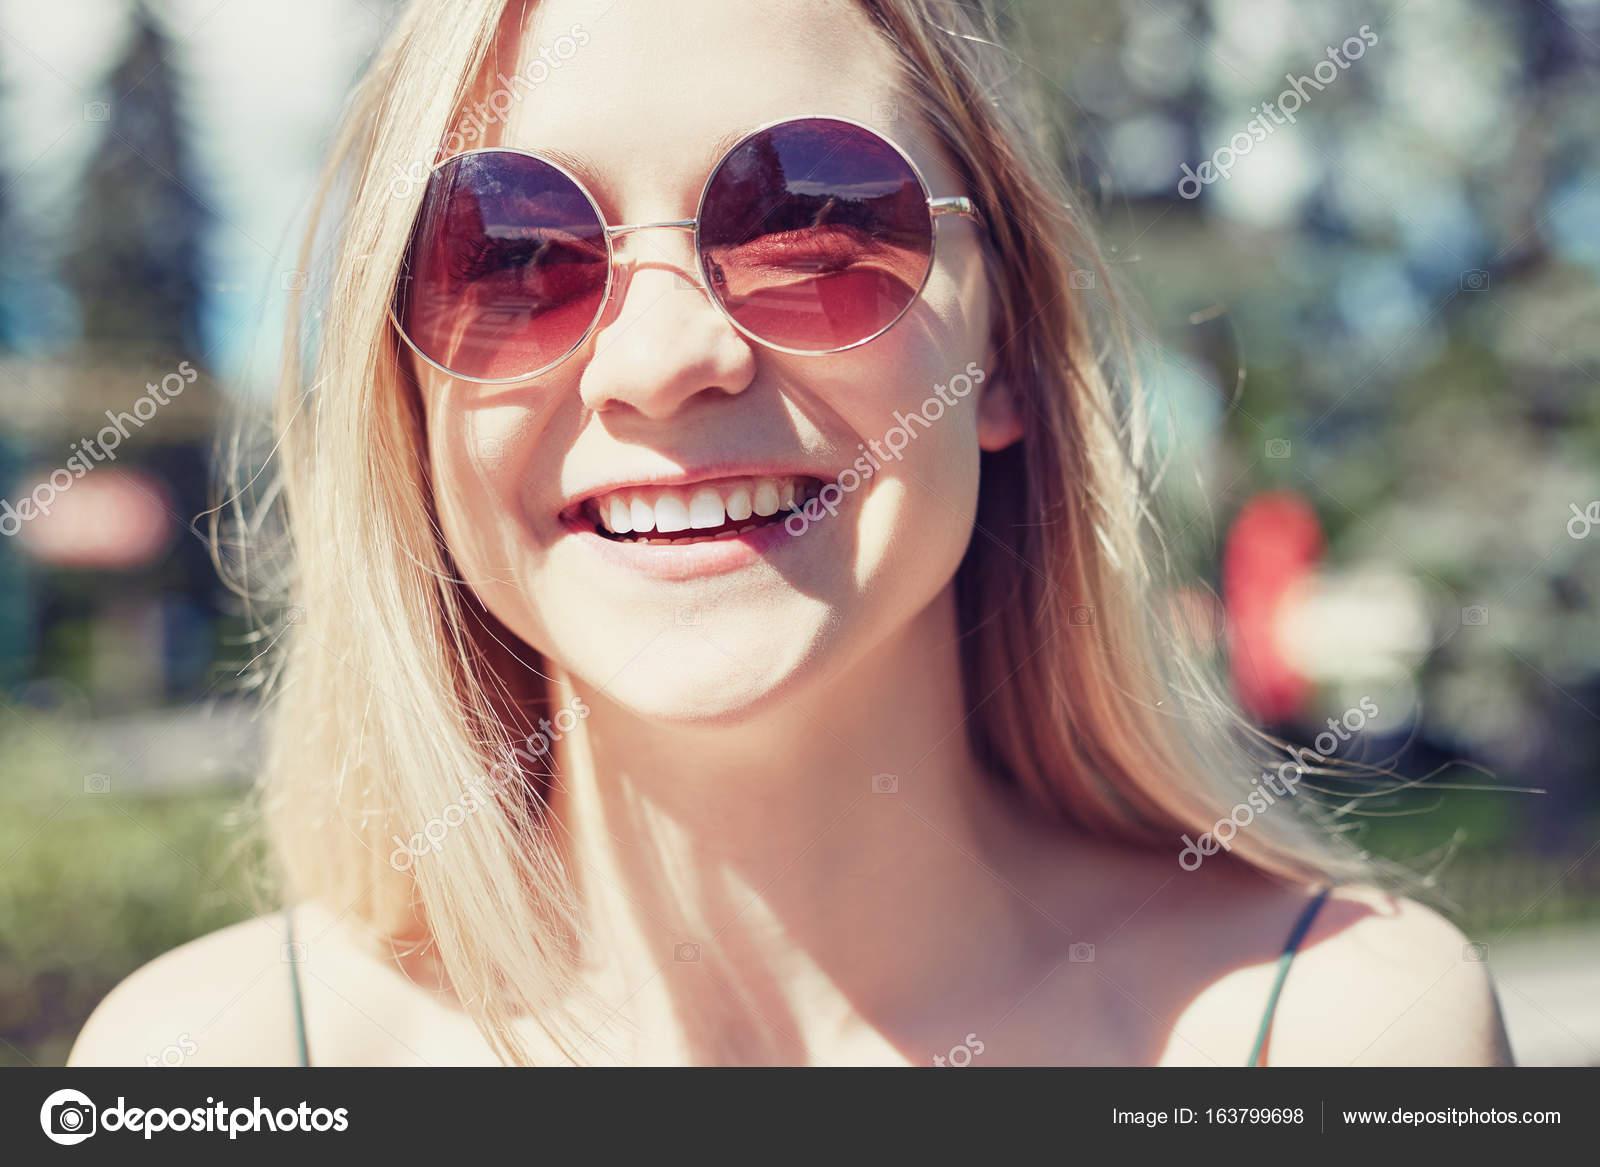 A Cabeza Joven En Feliz Rubia Europea La Riéndose Imagen De gY7vf6byI